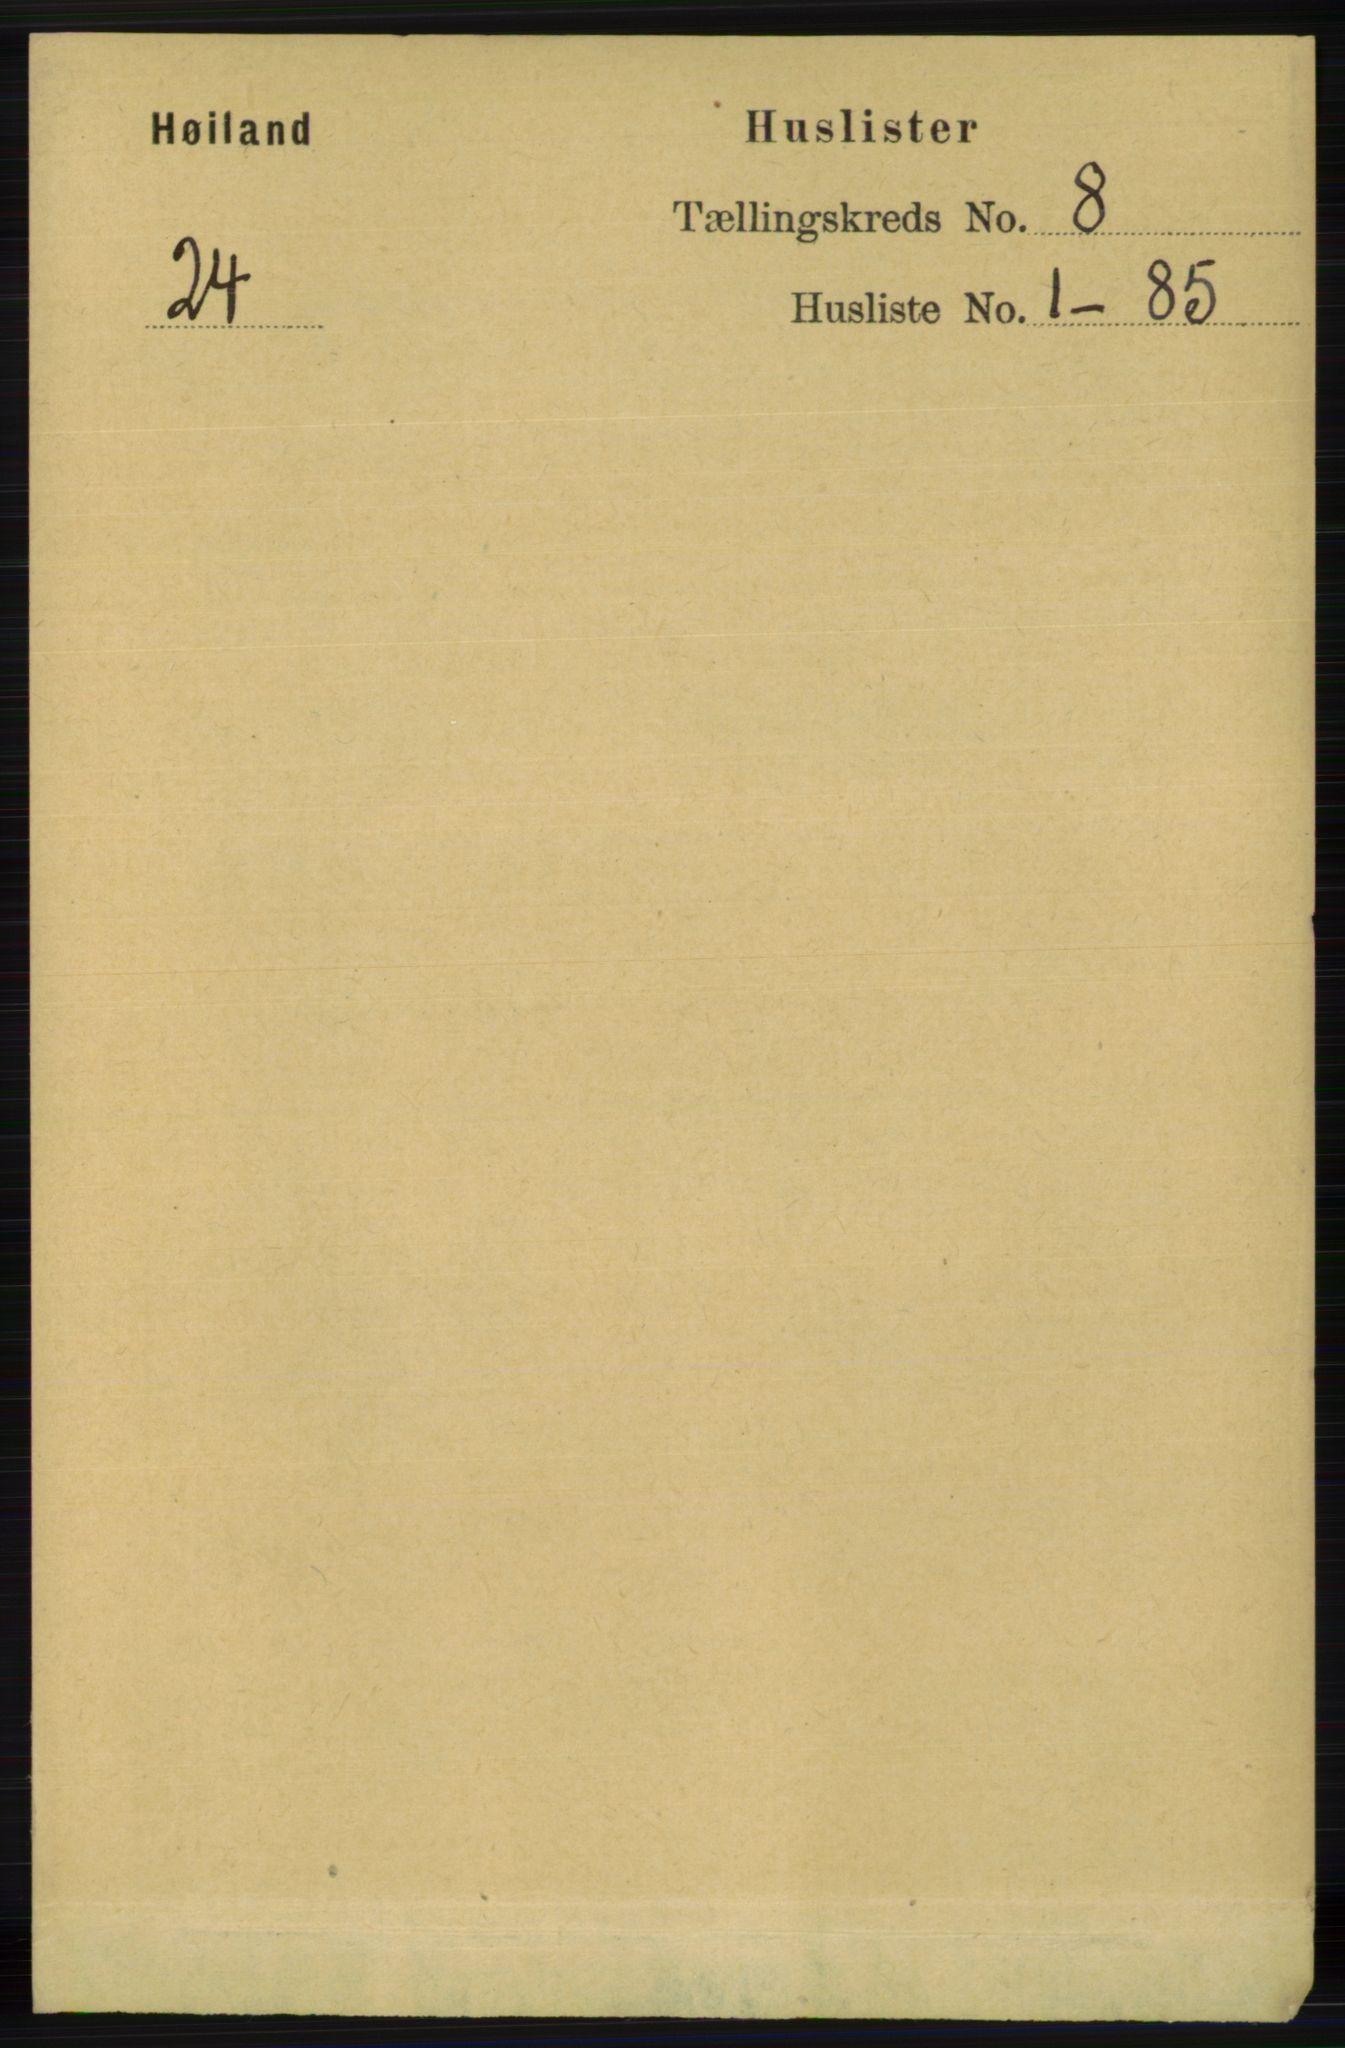 RA, Folketelling 1891 for 1123 Høyland herred, 1891, s. 2869